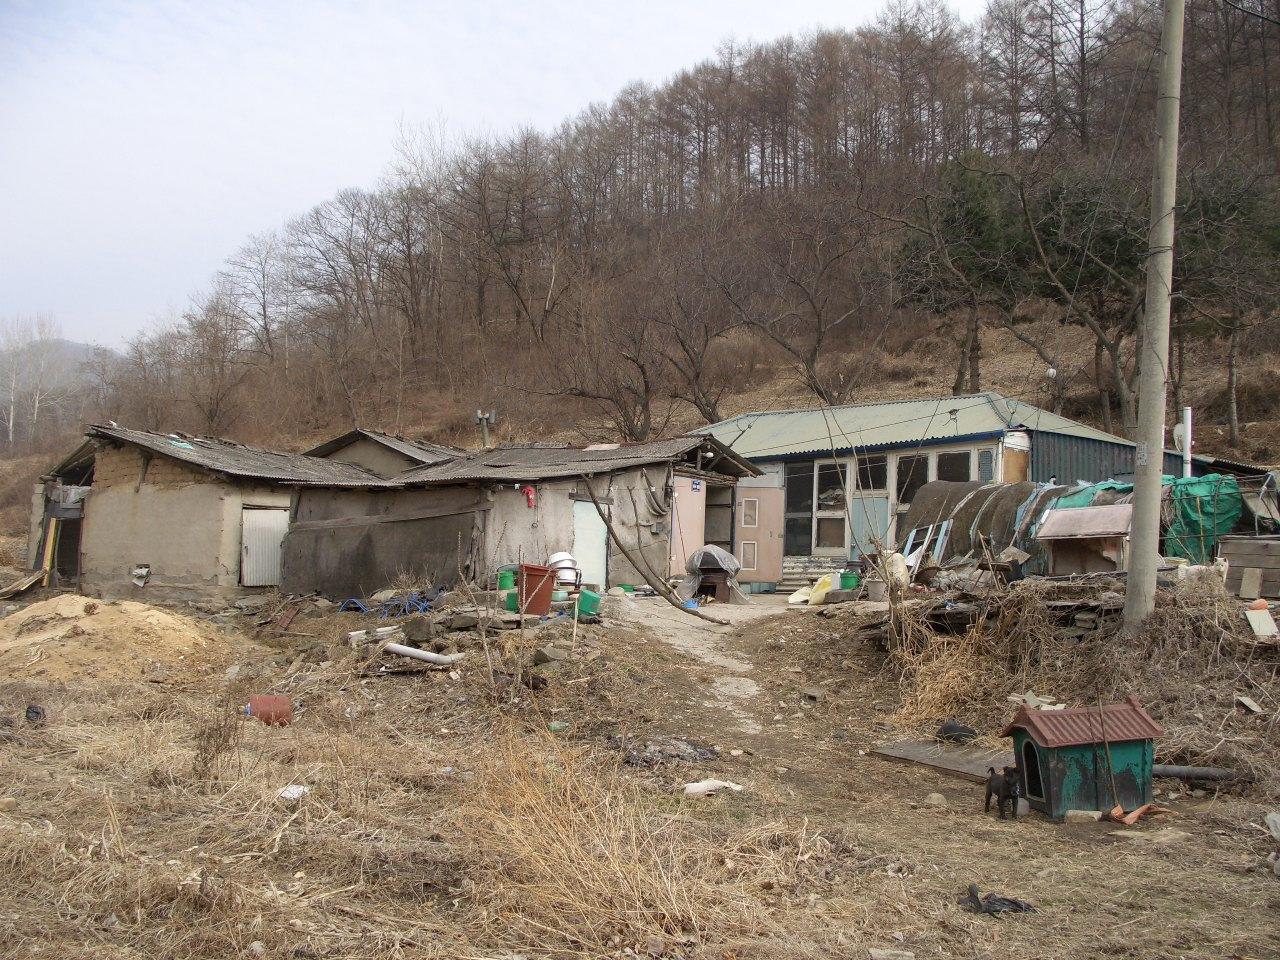 증평군 농촌주택개량 사업 추진 [이미지]